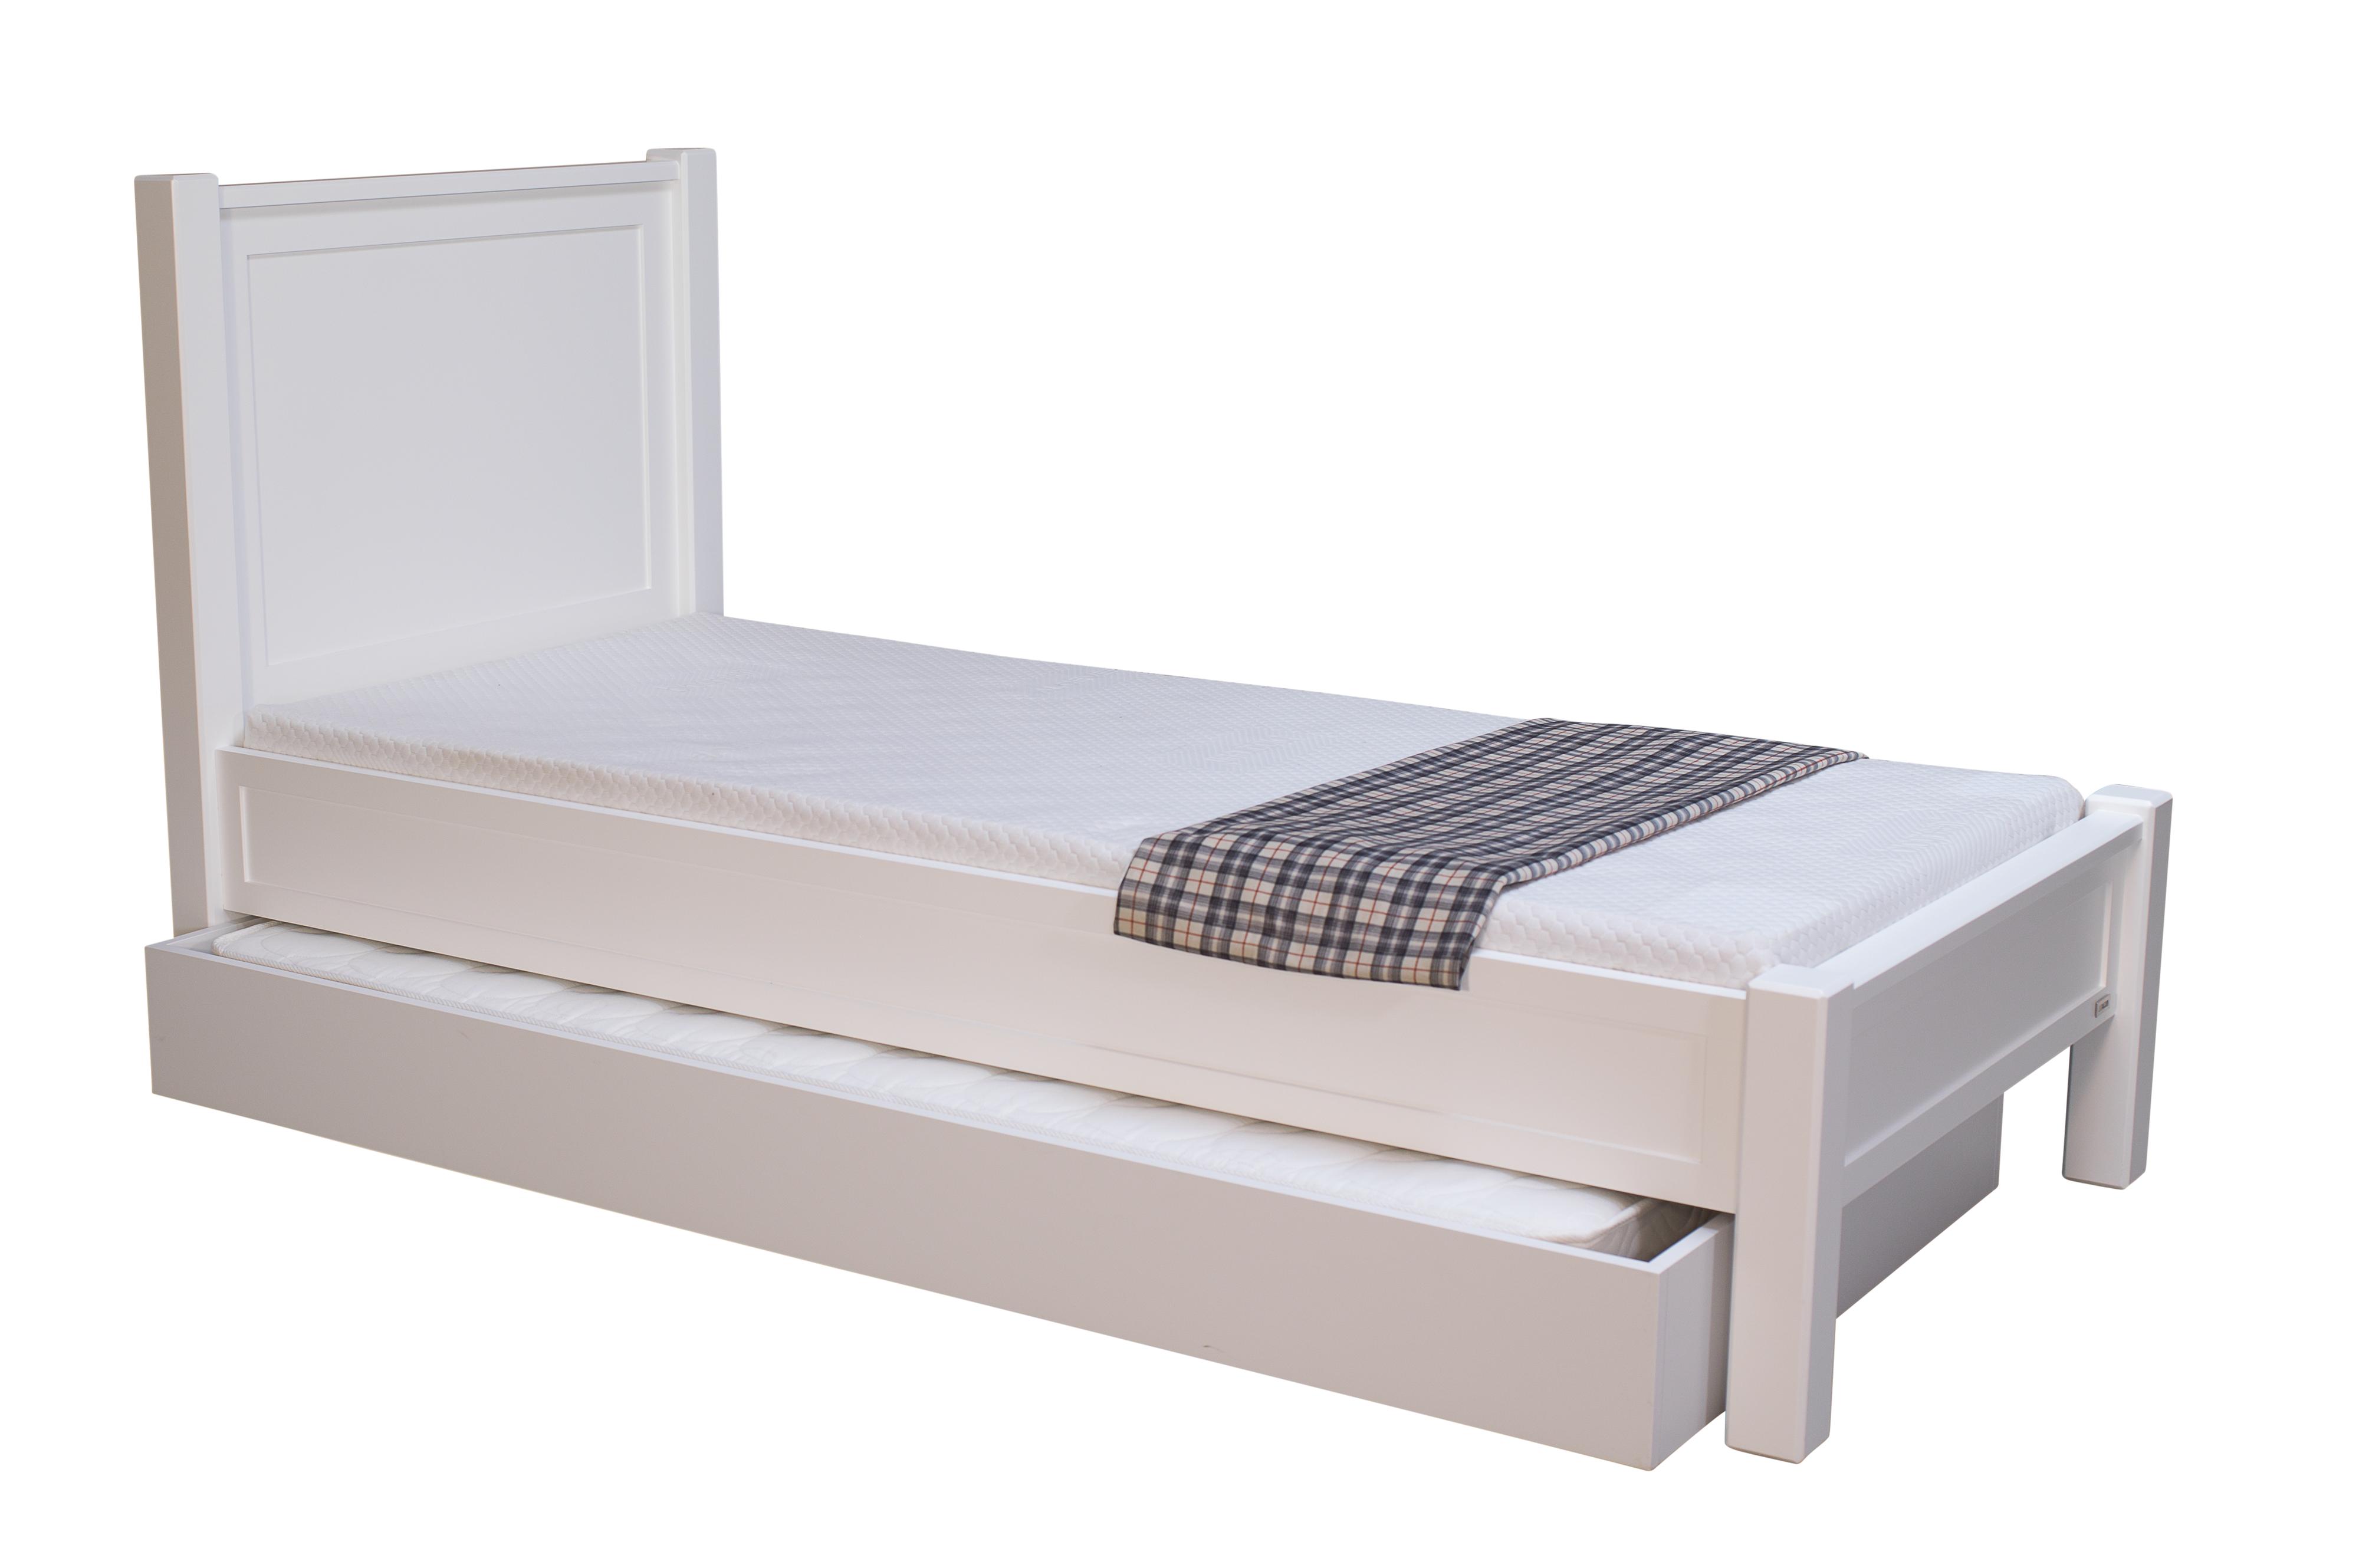 Flynn bed 90x200 Ambiance